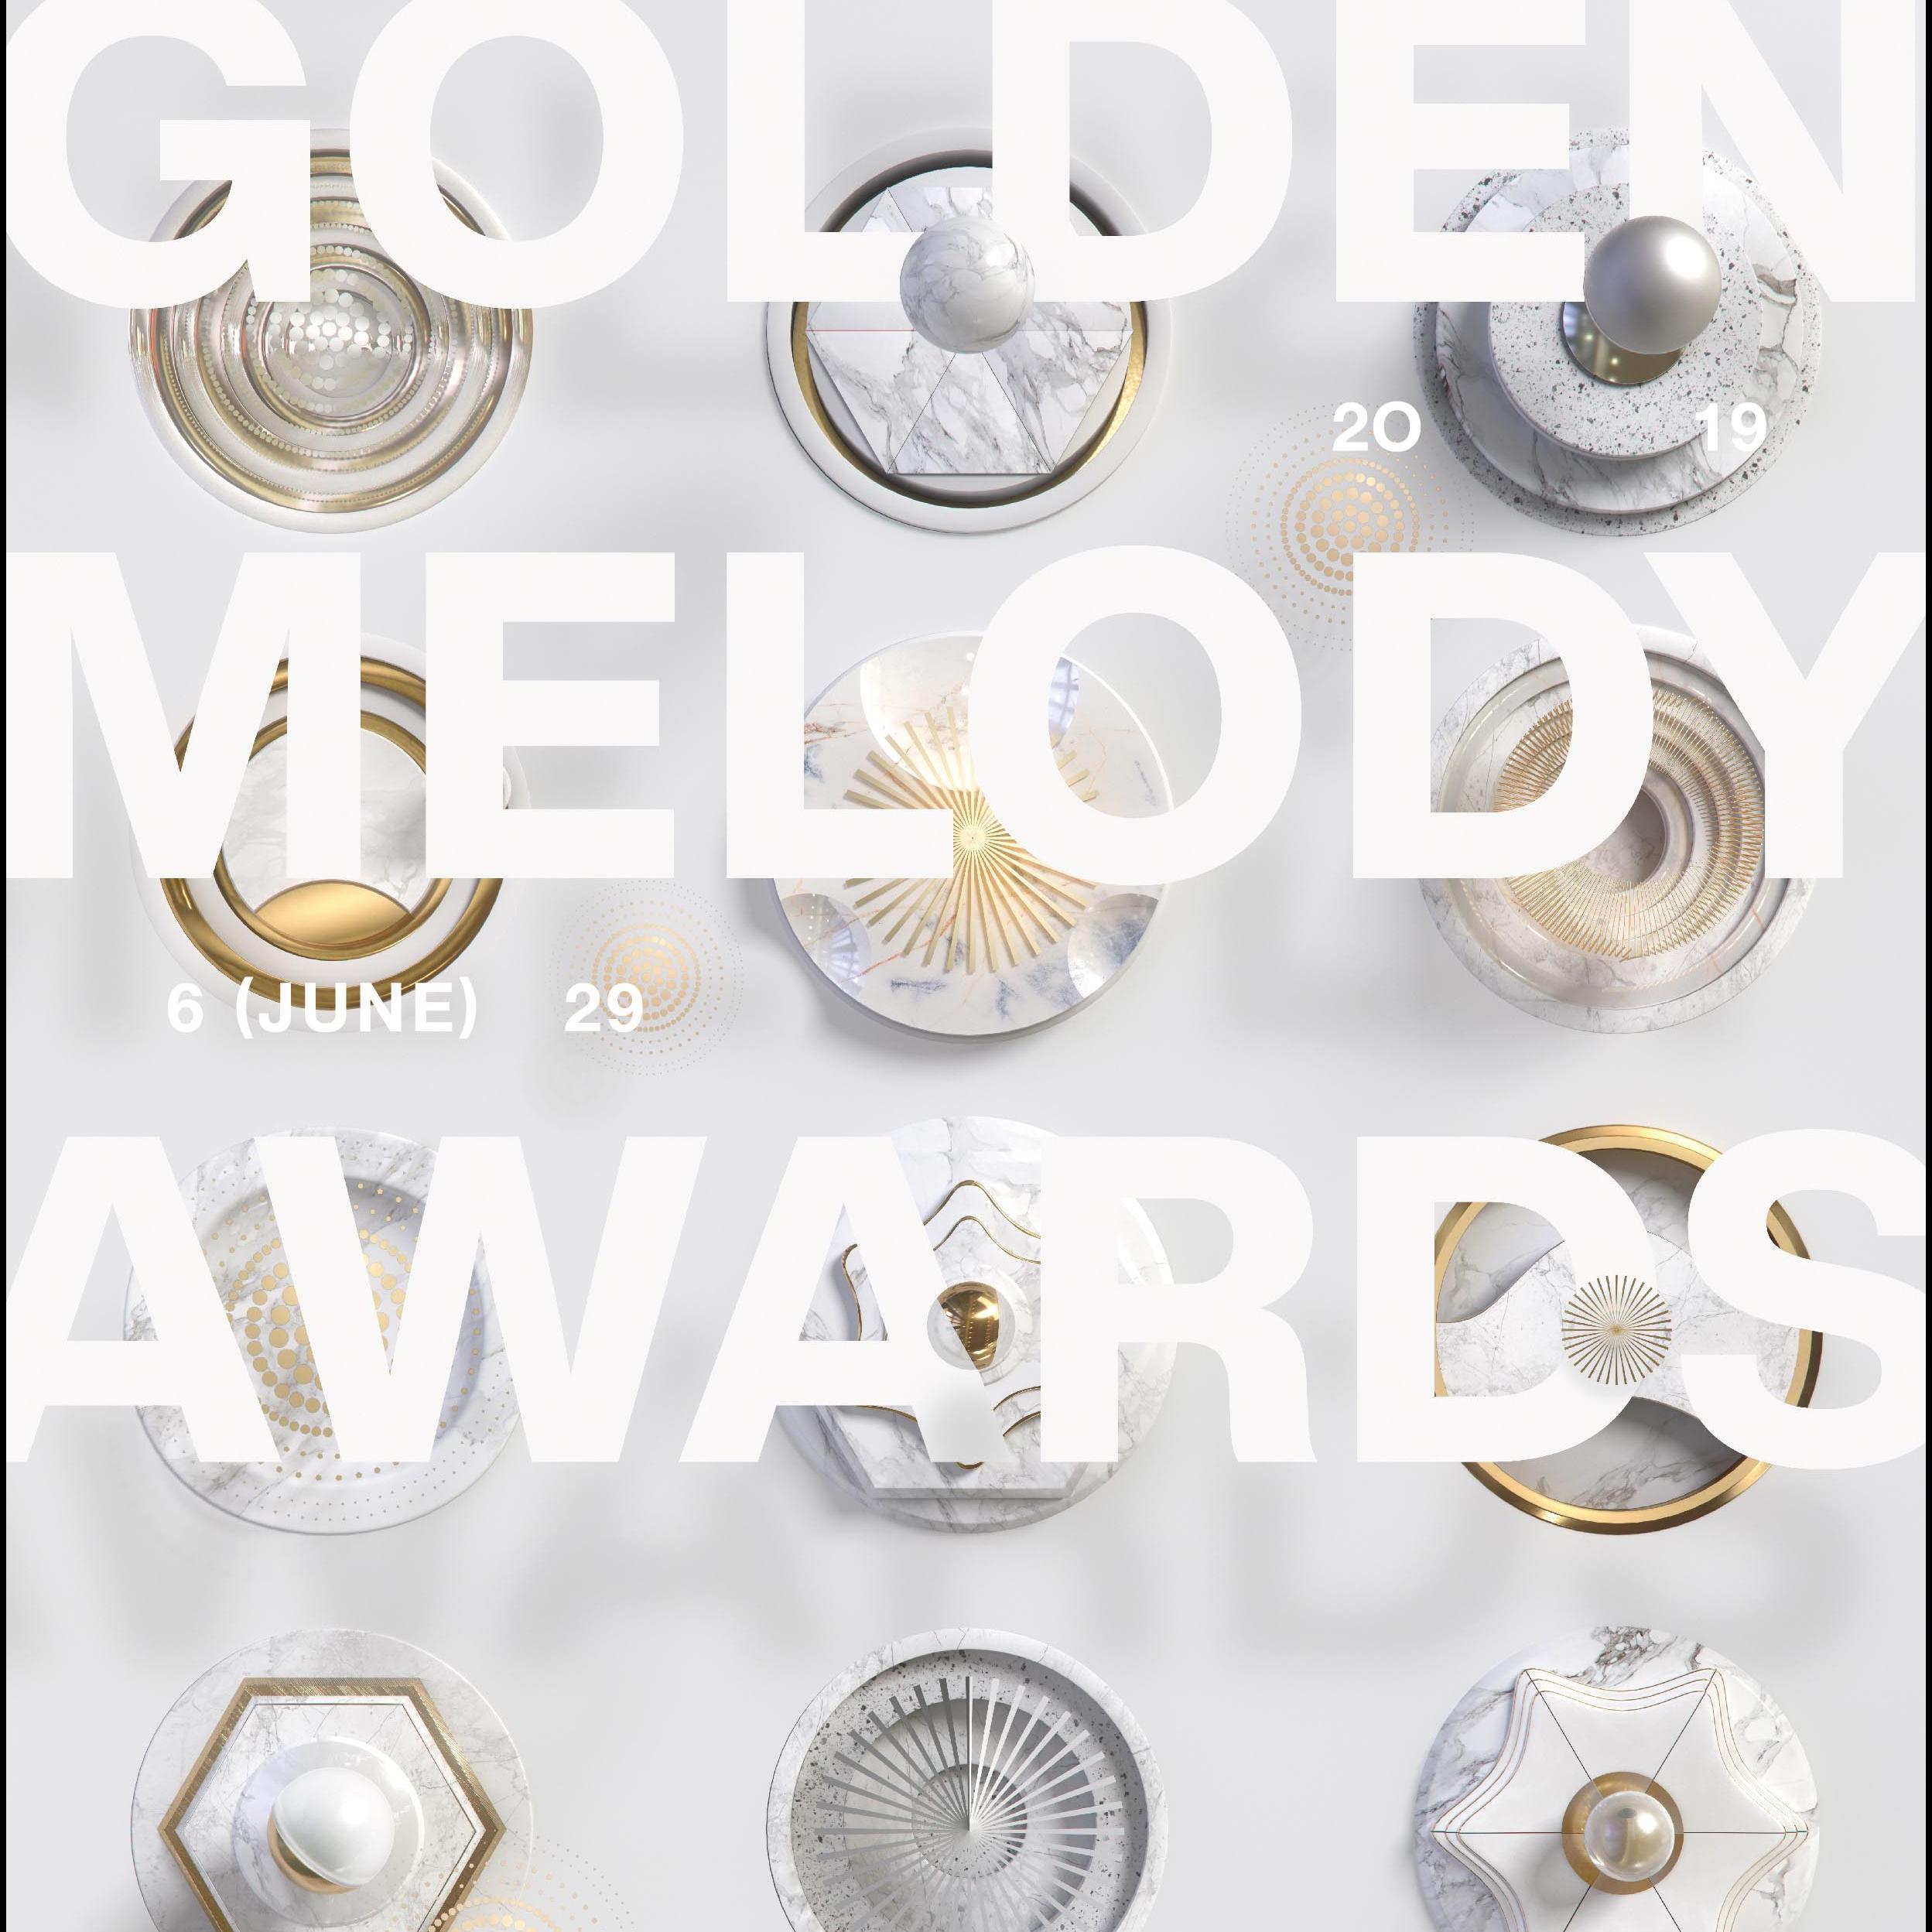 【不斷更新】第 30 屆金曲獎得獎名單